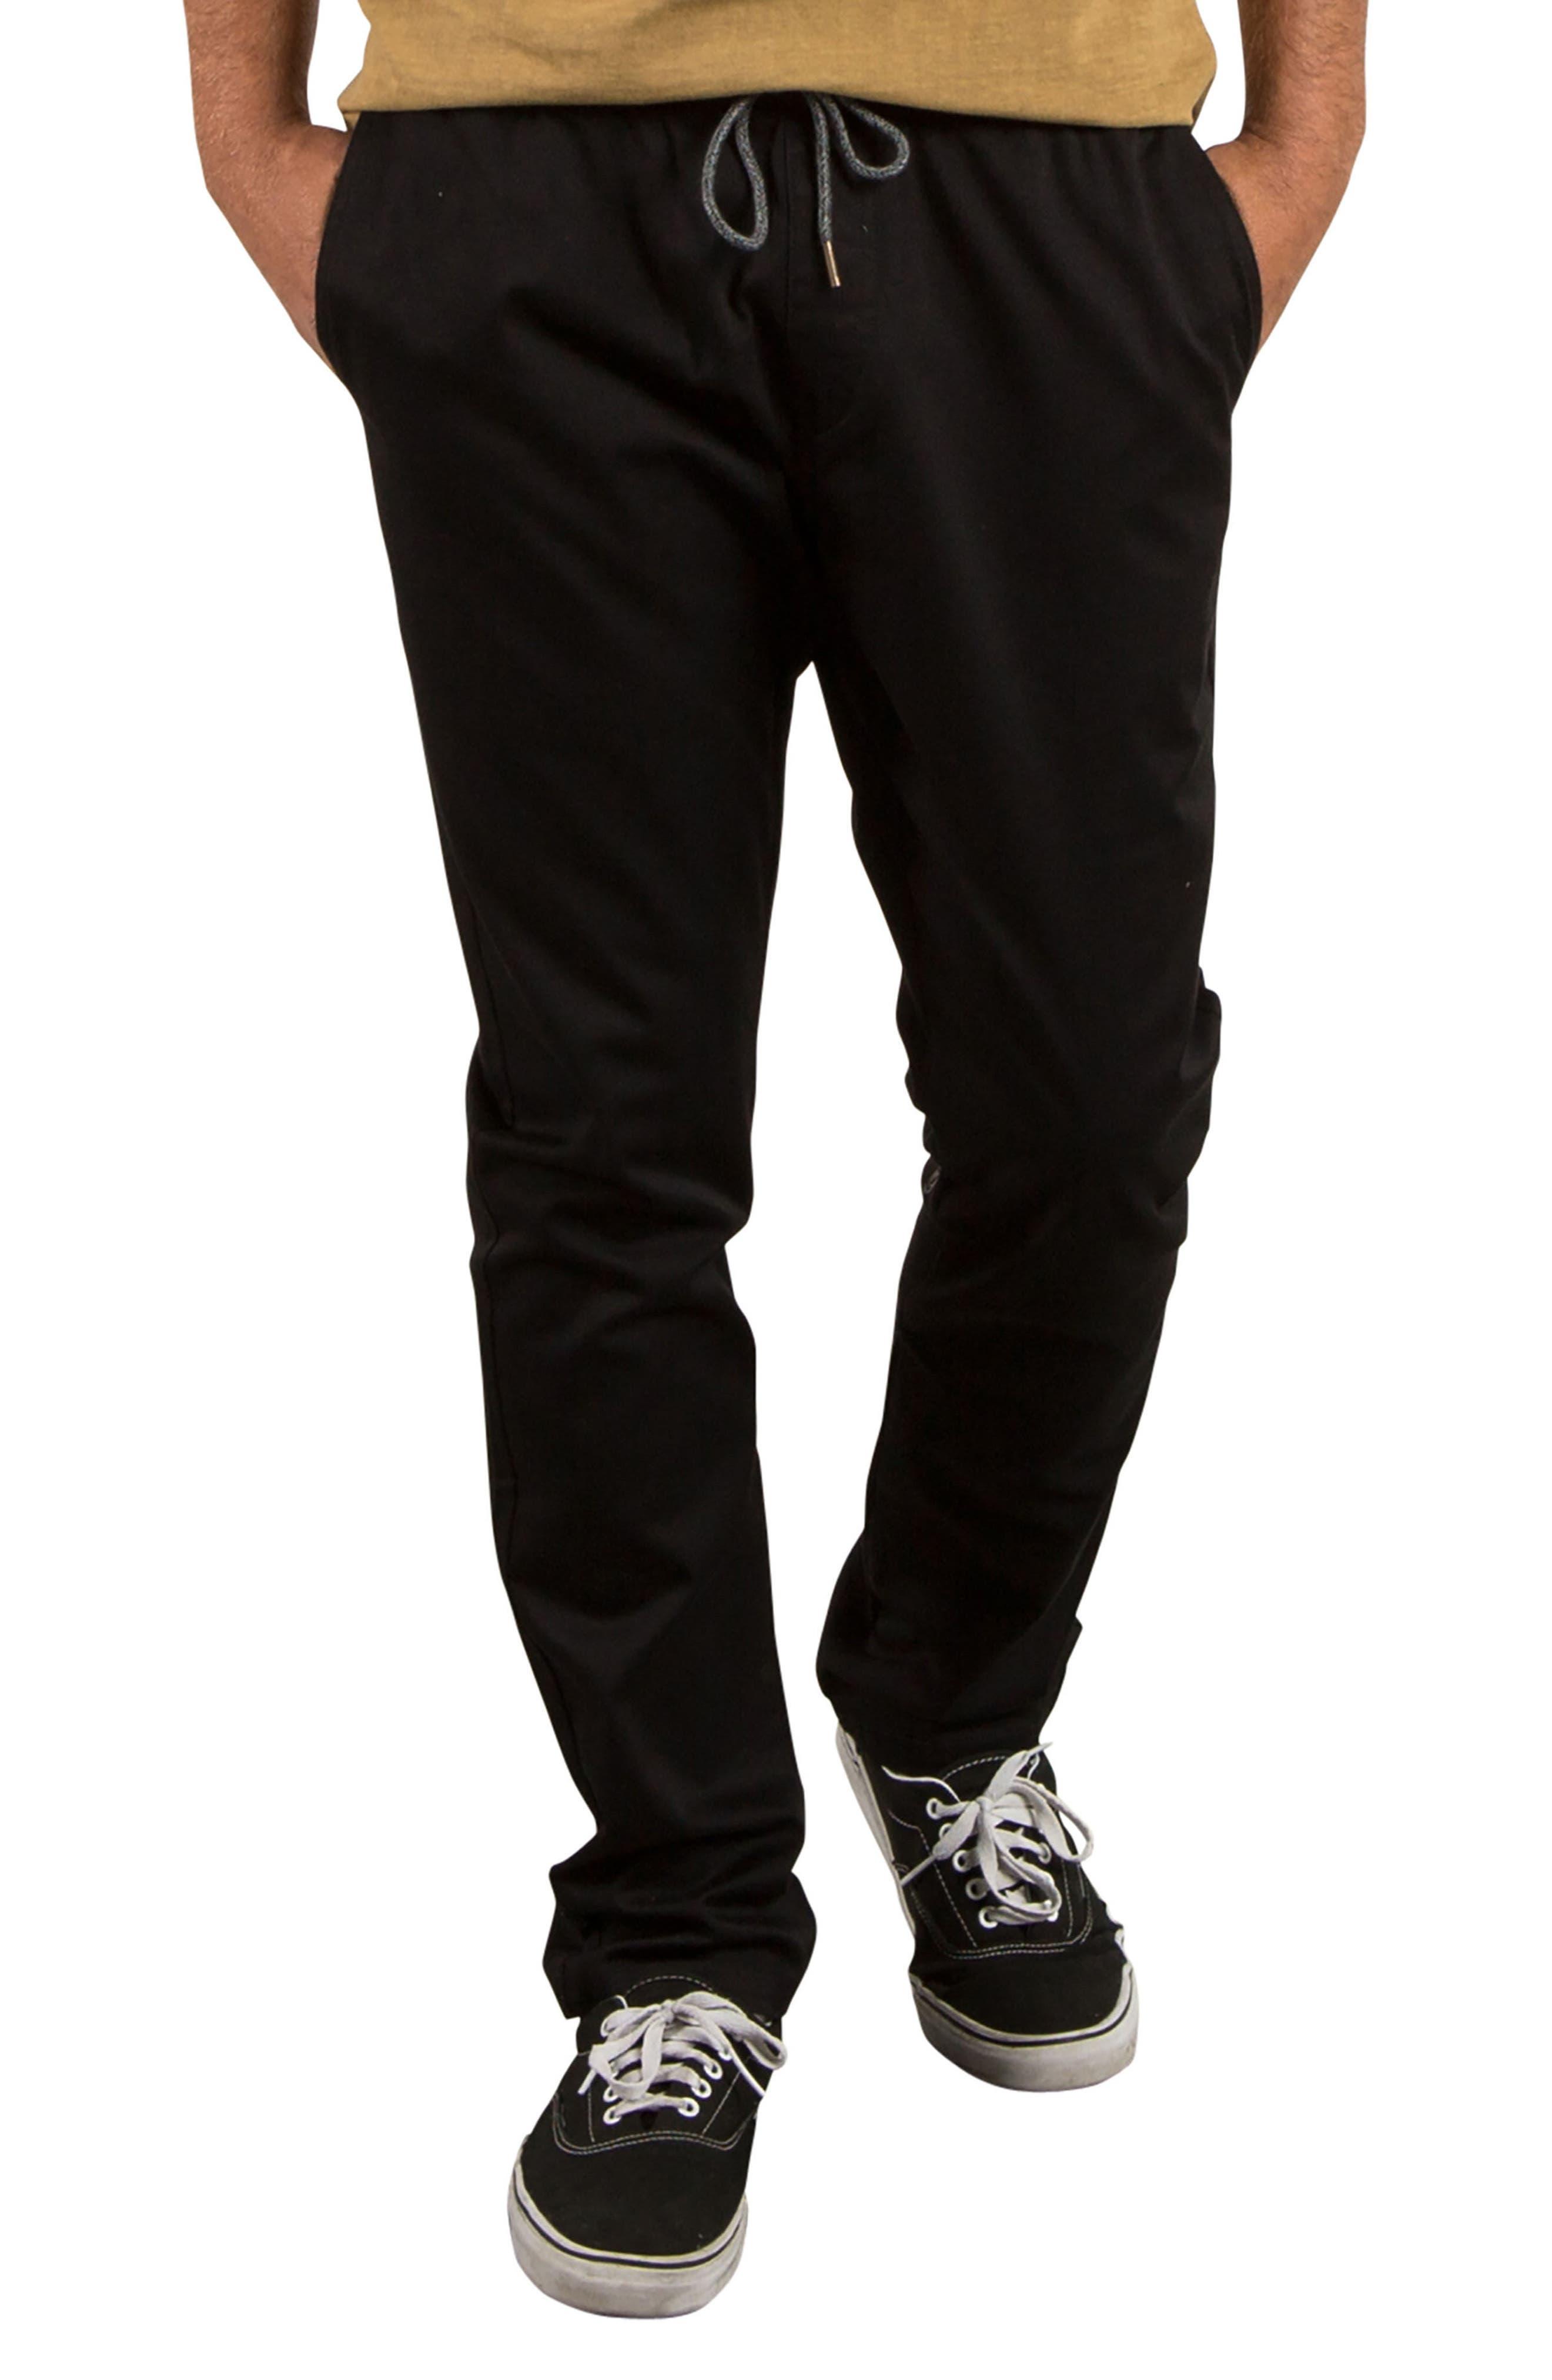 Comfort Chino Pants,                             Main thumbnail 1, color,                             Black